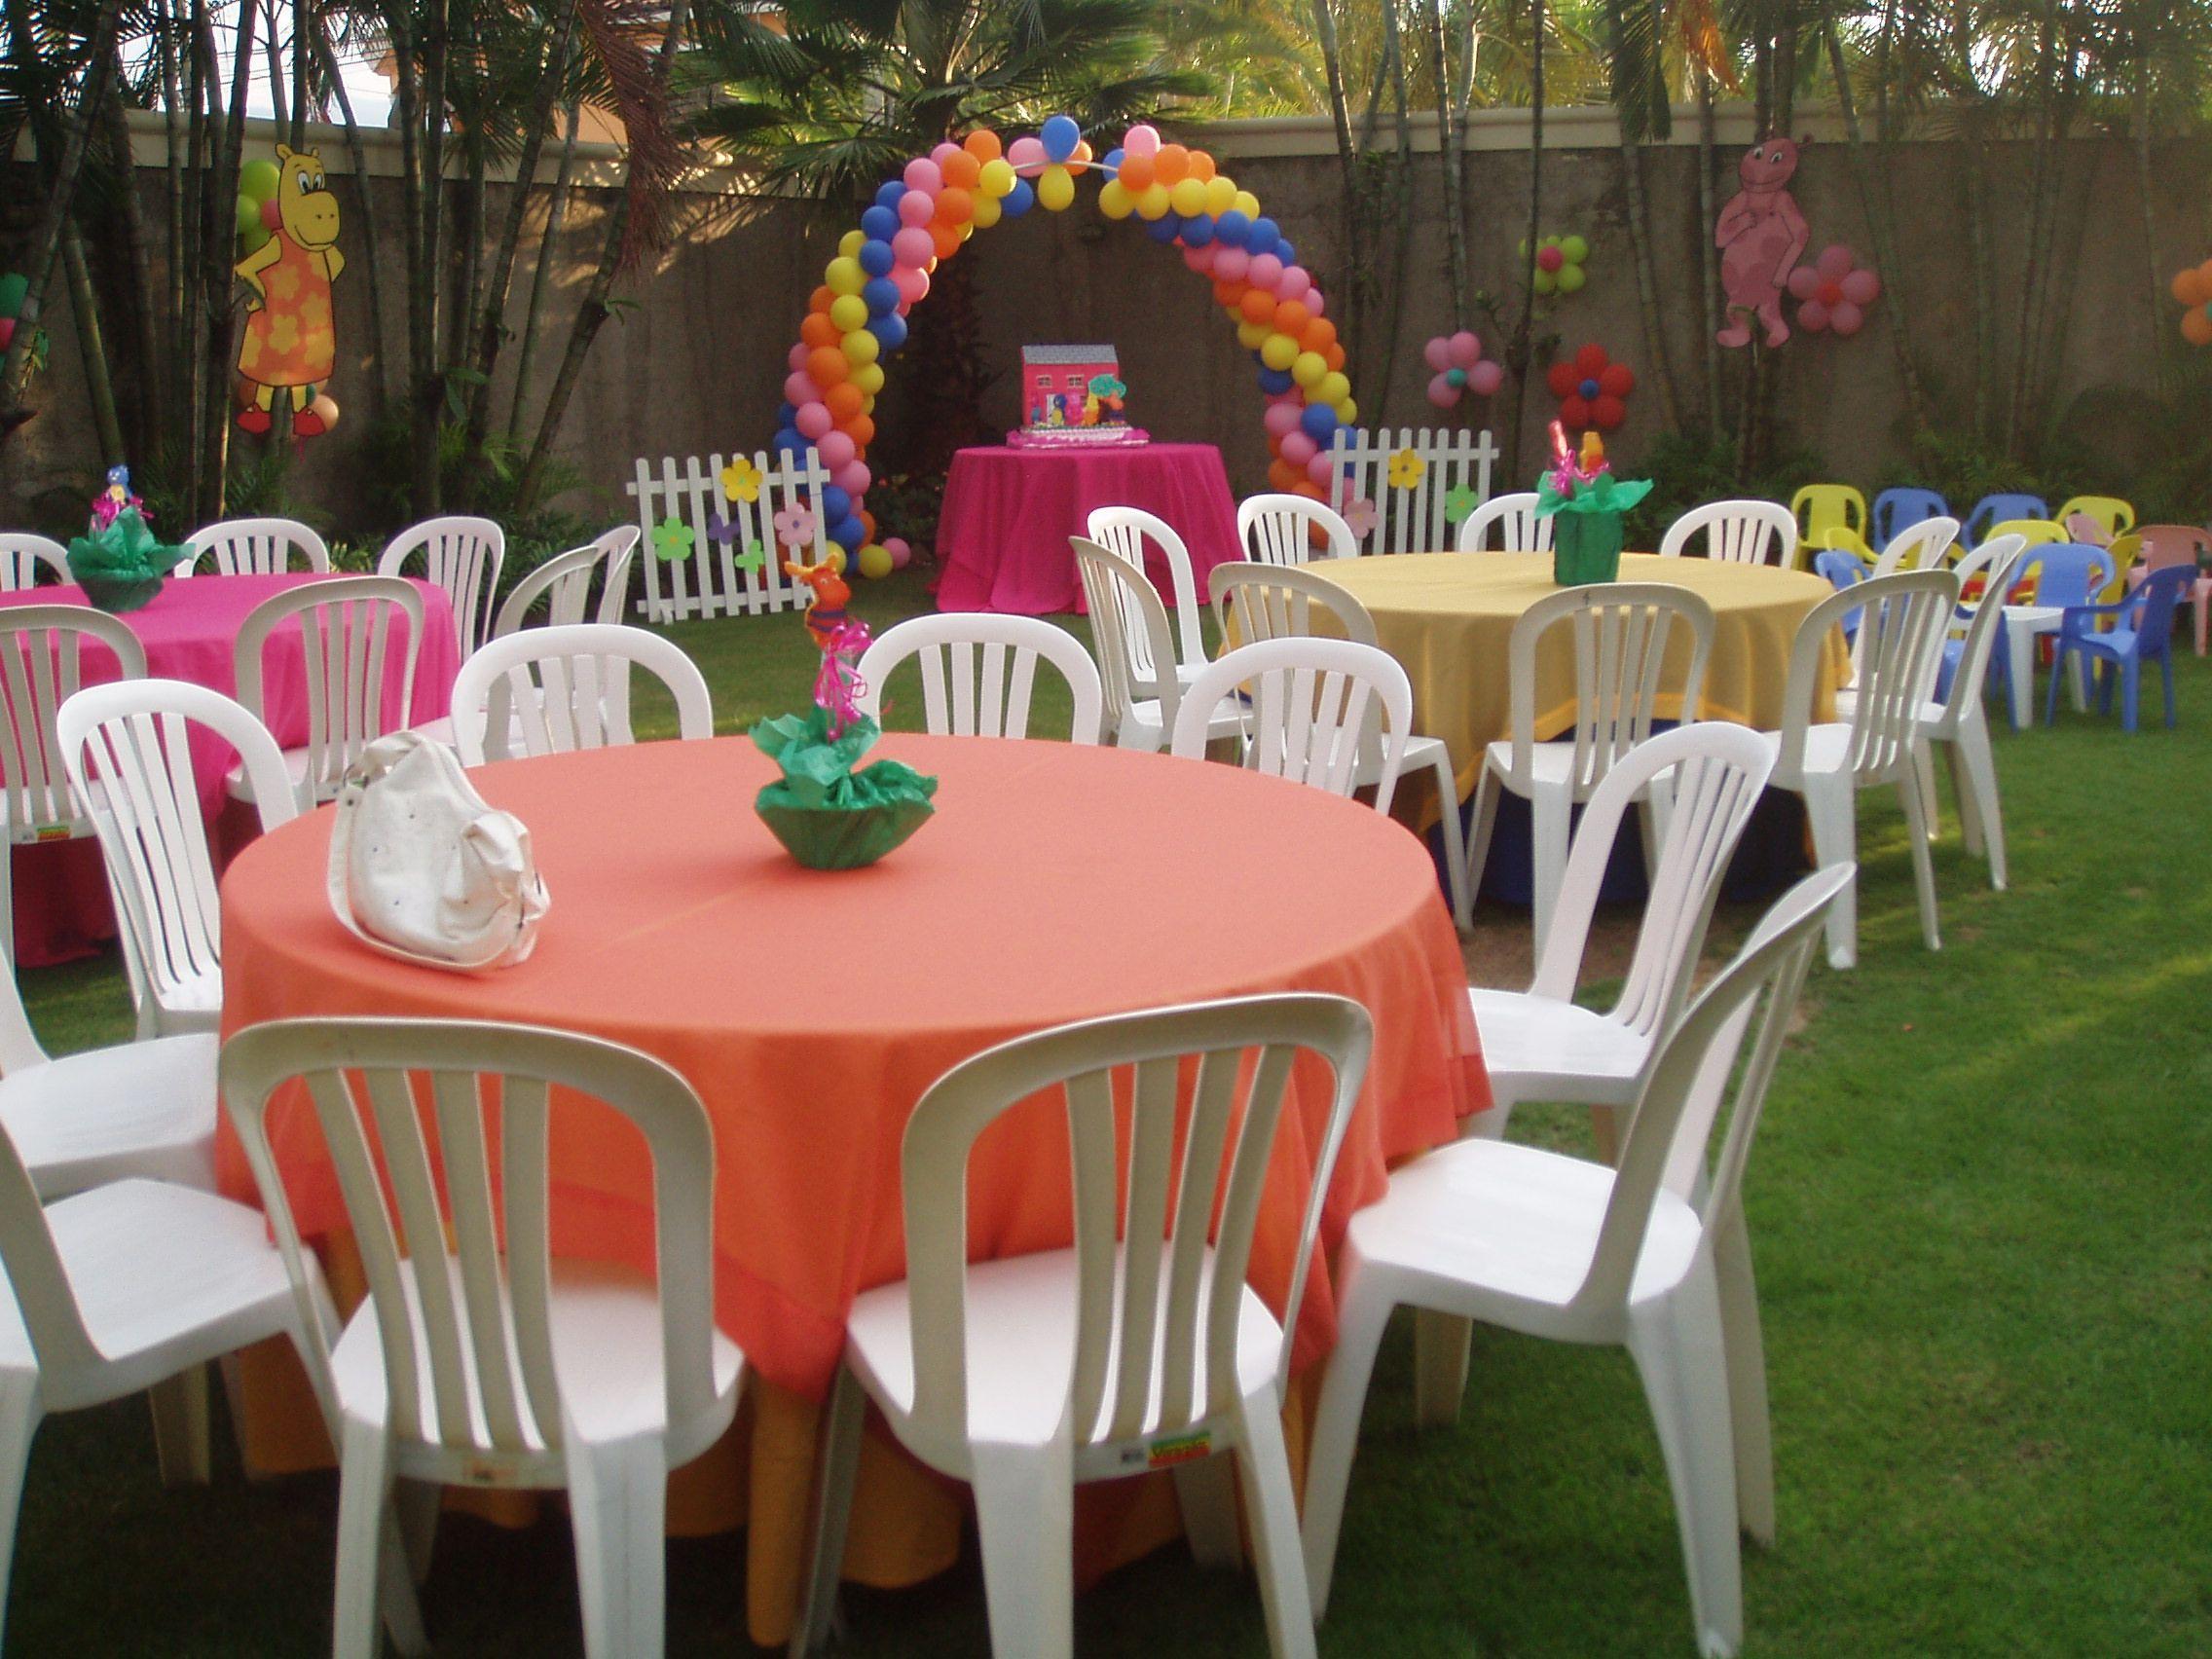 Sillas pl sticas mesas con manteles de colores variados y for Manteles de mesa